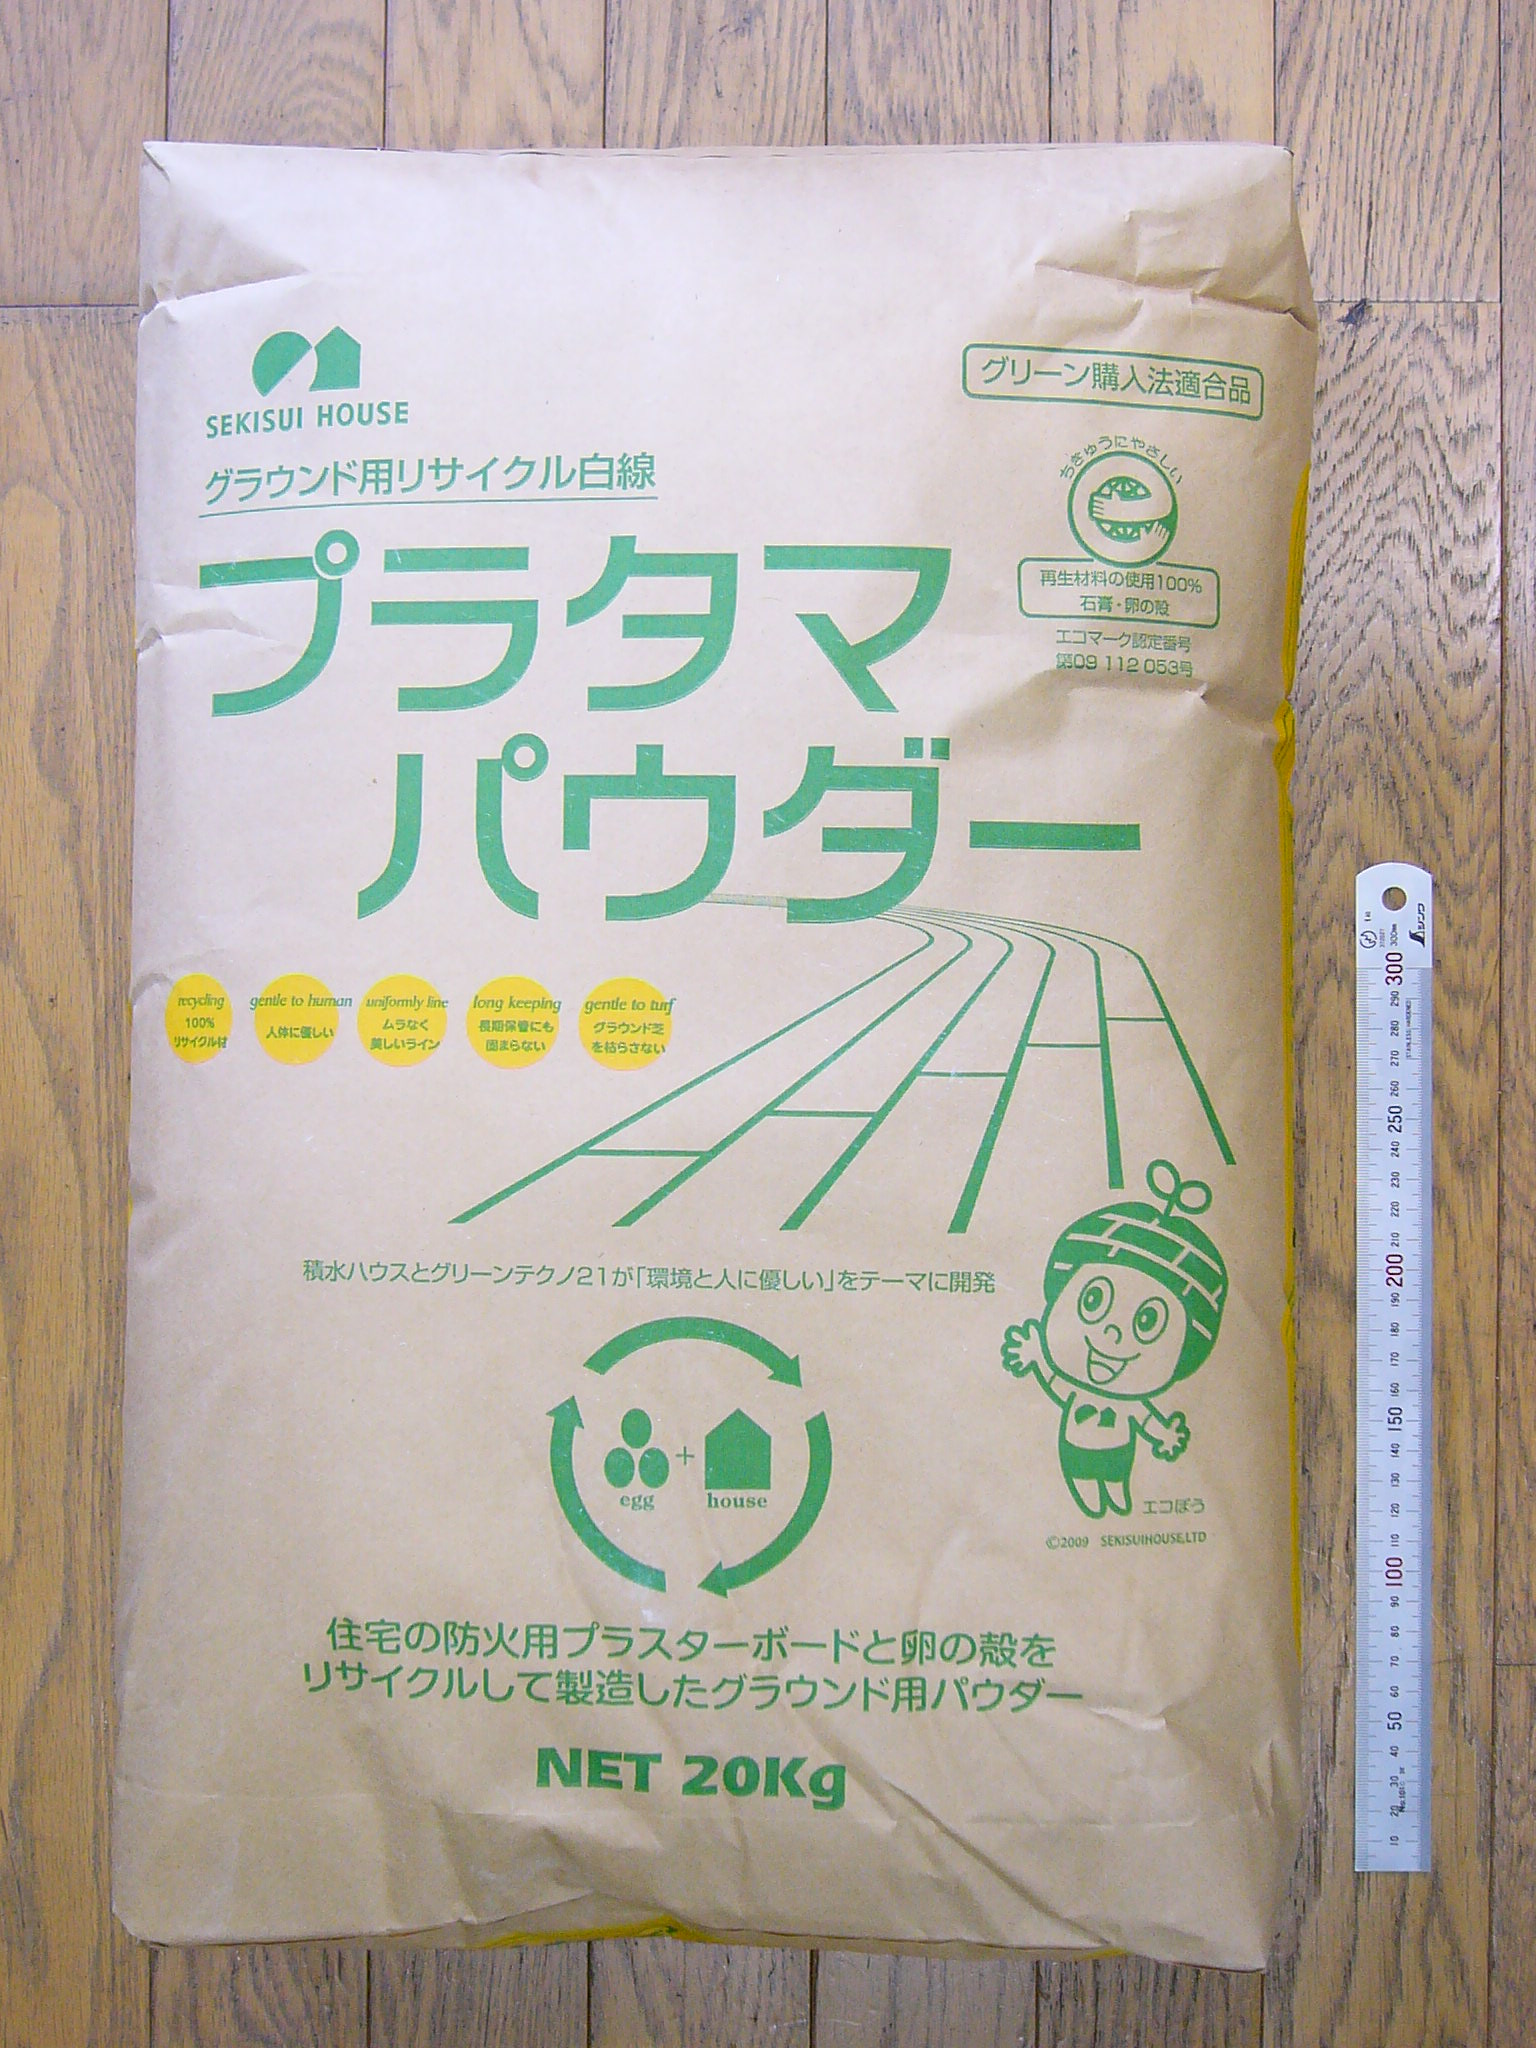 グラウンド用リサイクル白線 プラタマパウダー